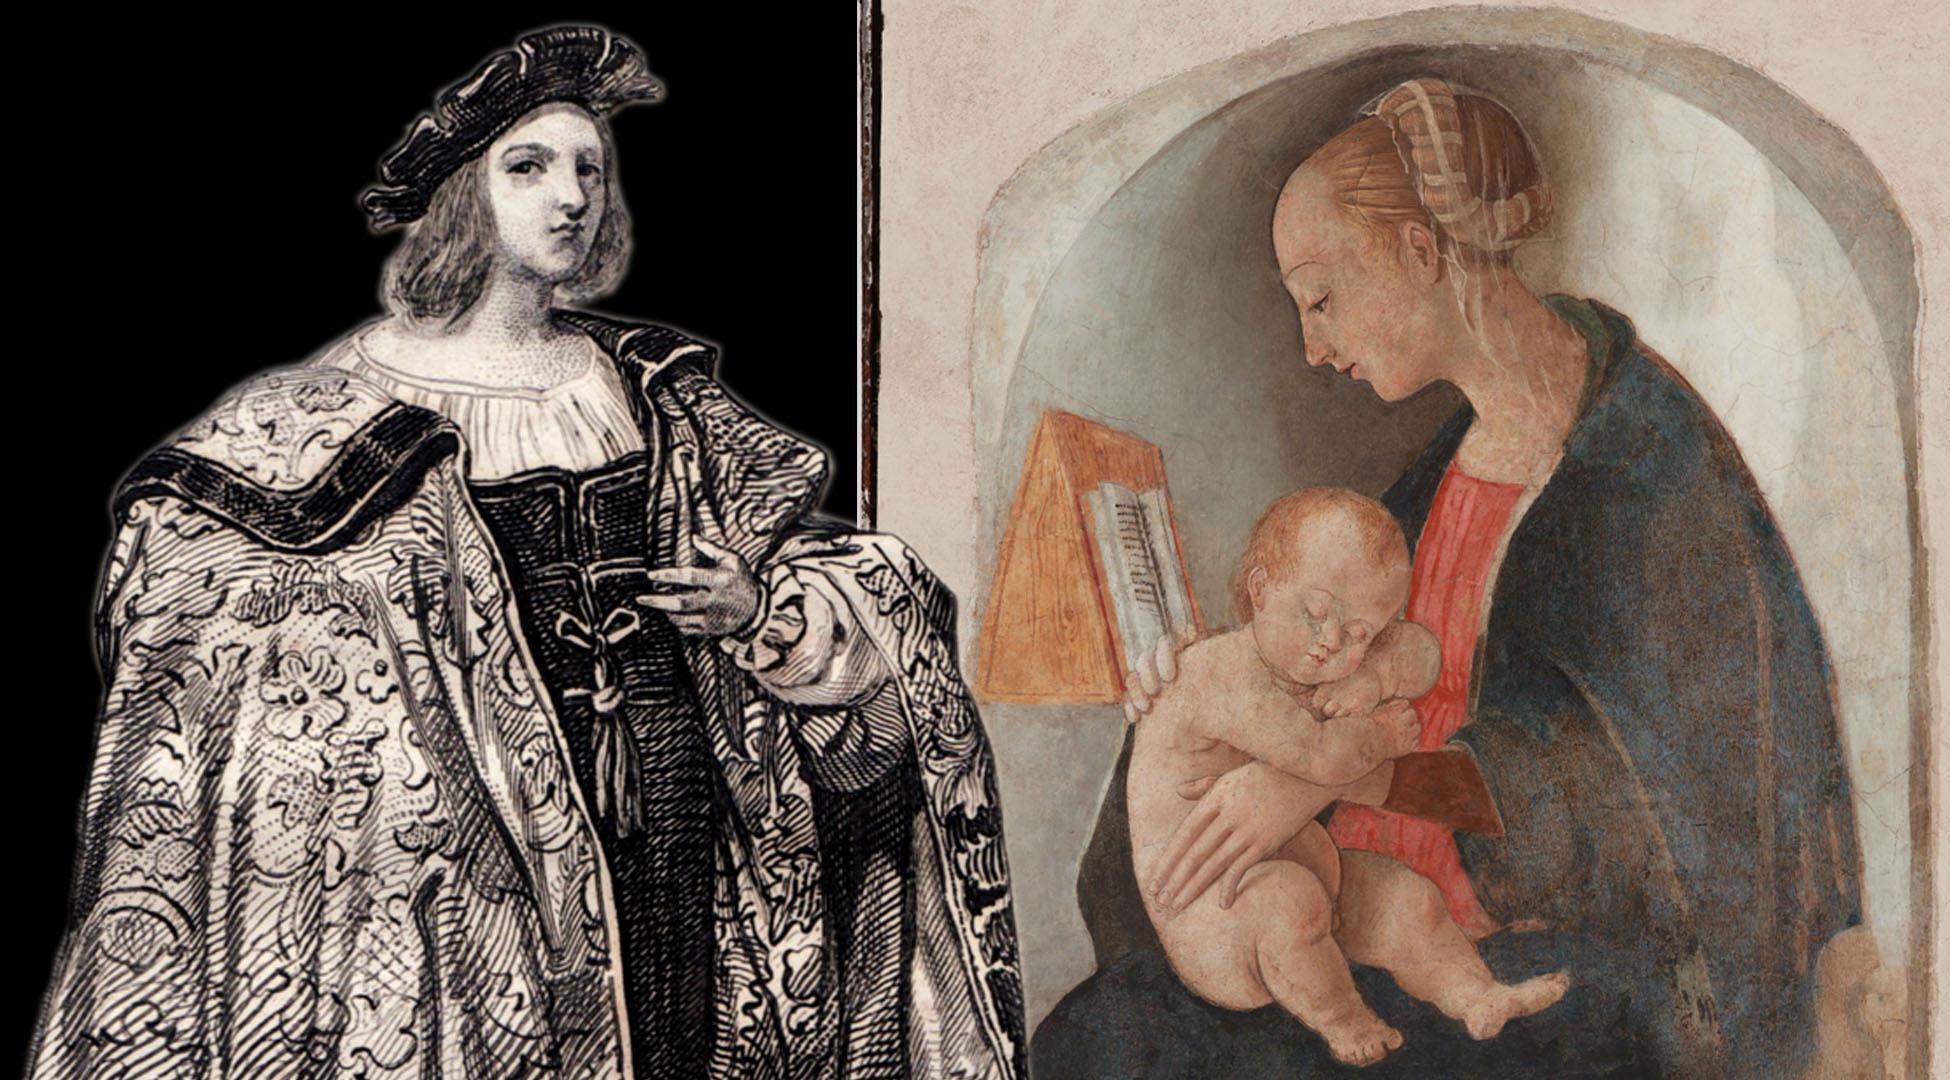 Decima puntata. L'affresco di Raffaello Sanzio nella Casa Natale di Urbino